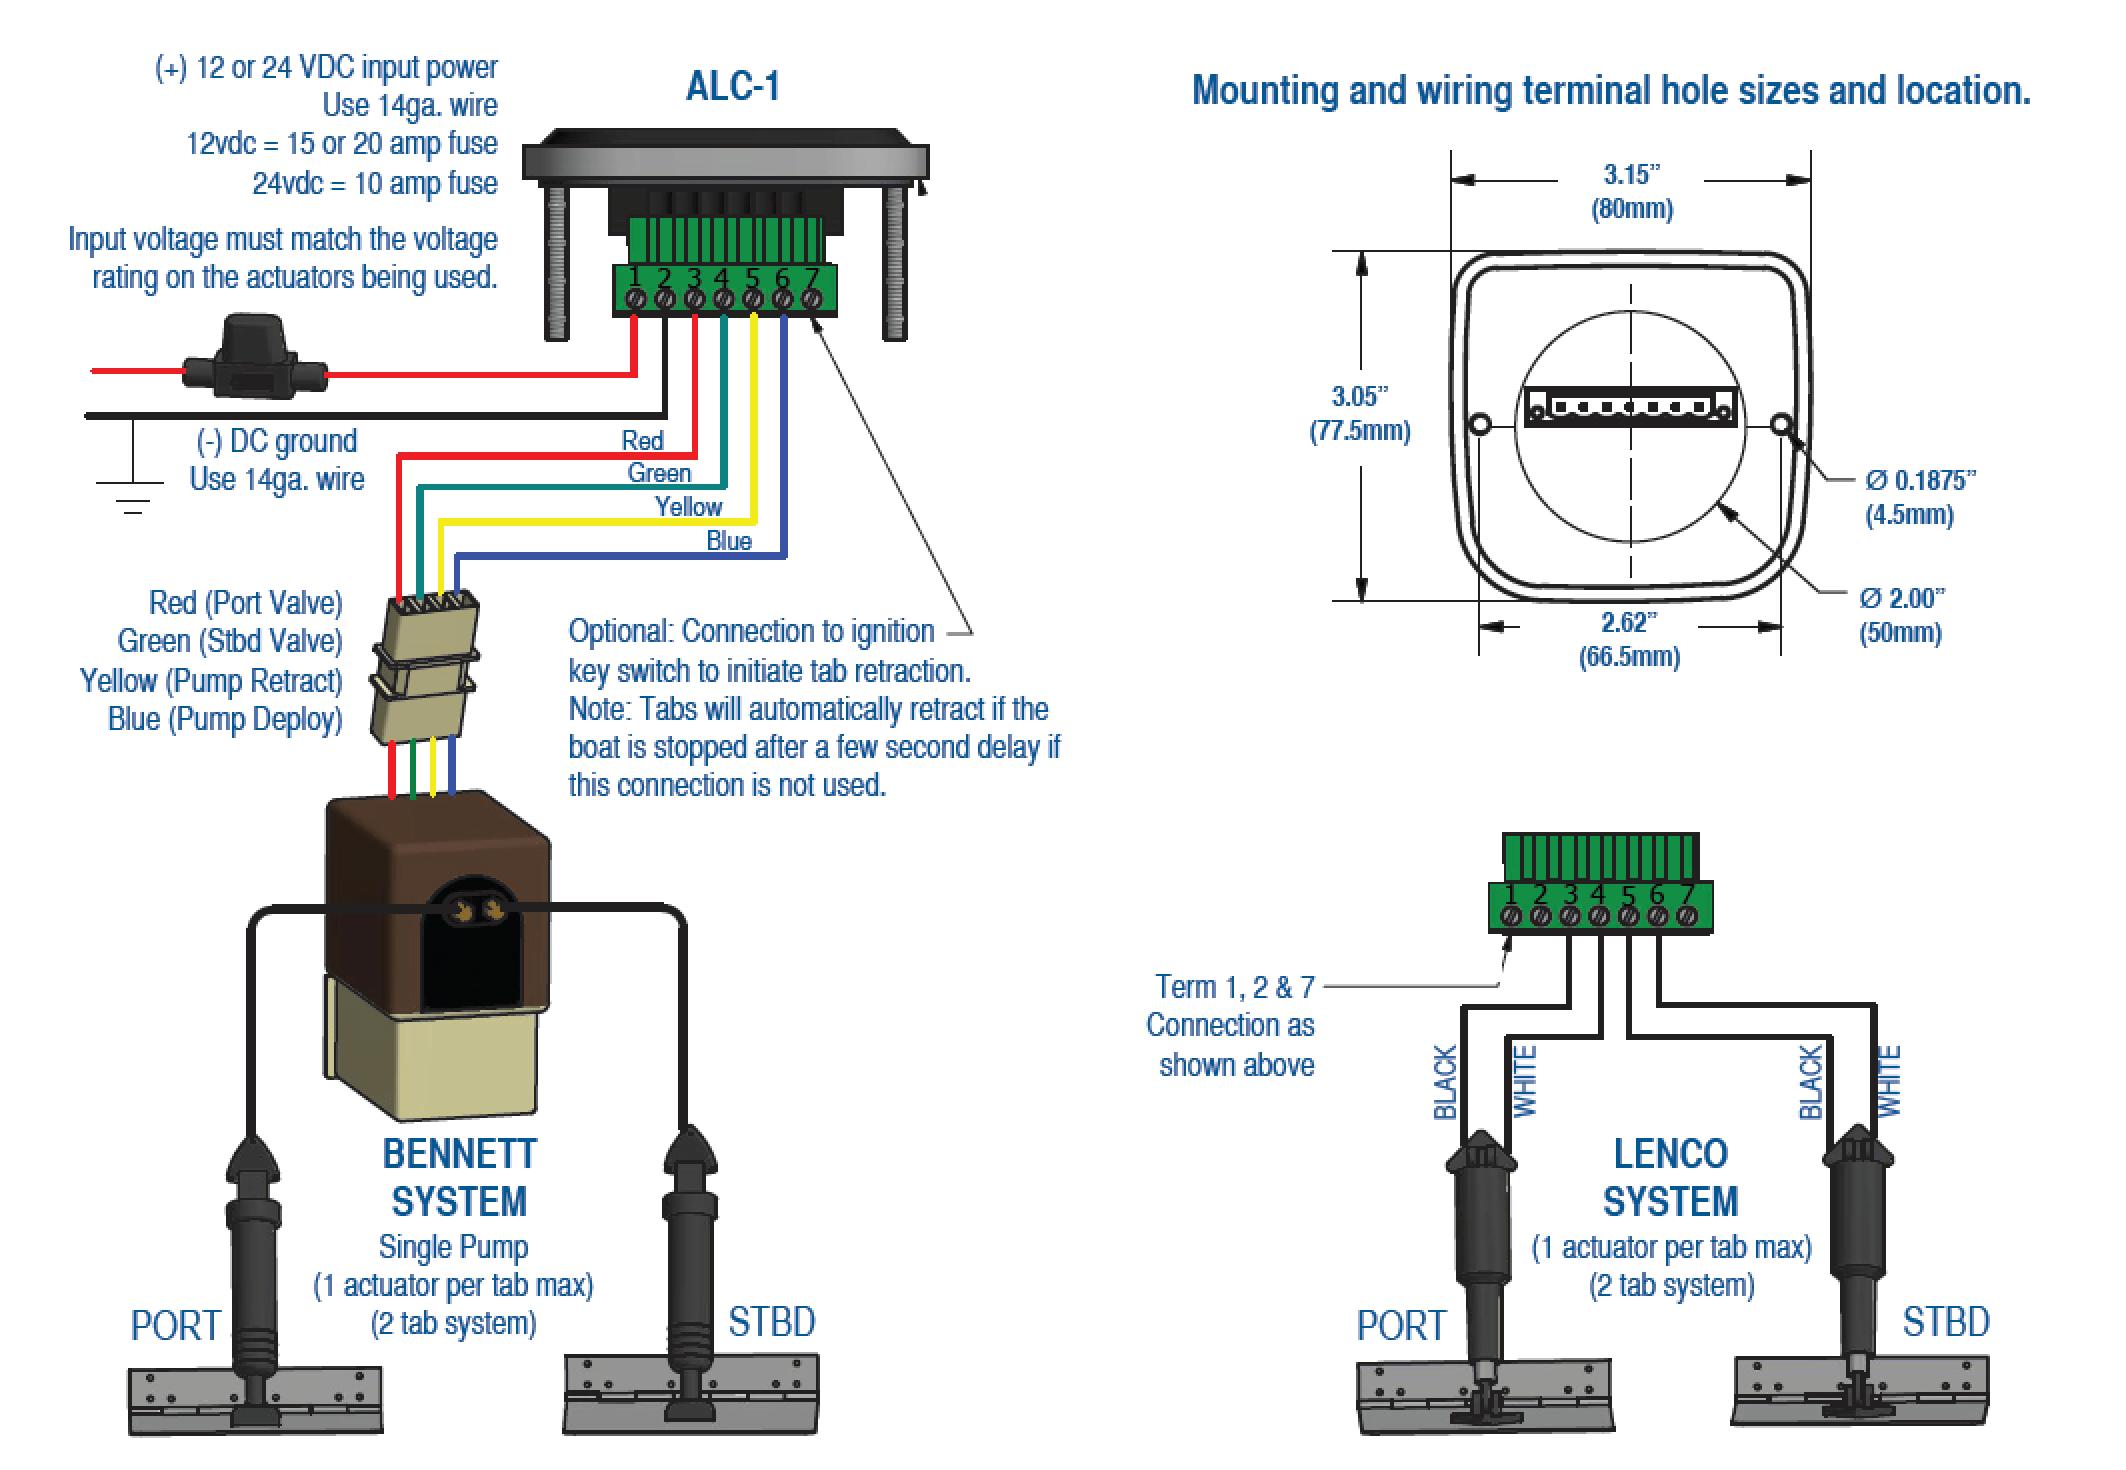 bennett trim tab schematic wiring diagram bennett trim tab position indicator bennett trim tabs wiring diagrams #6